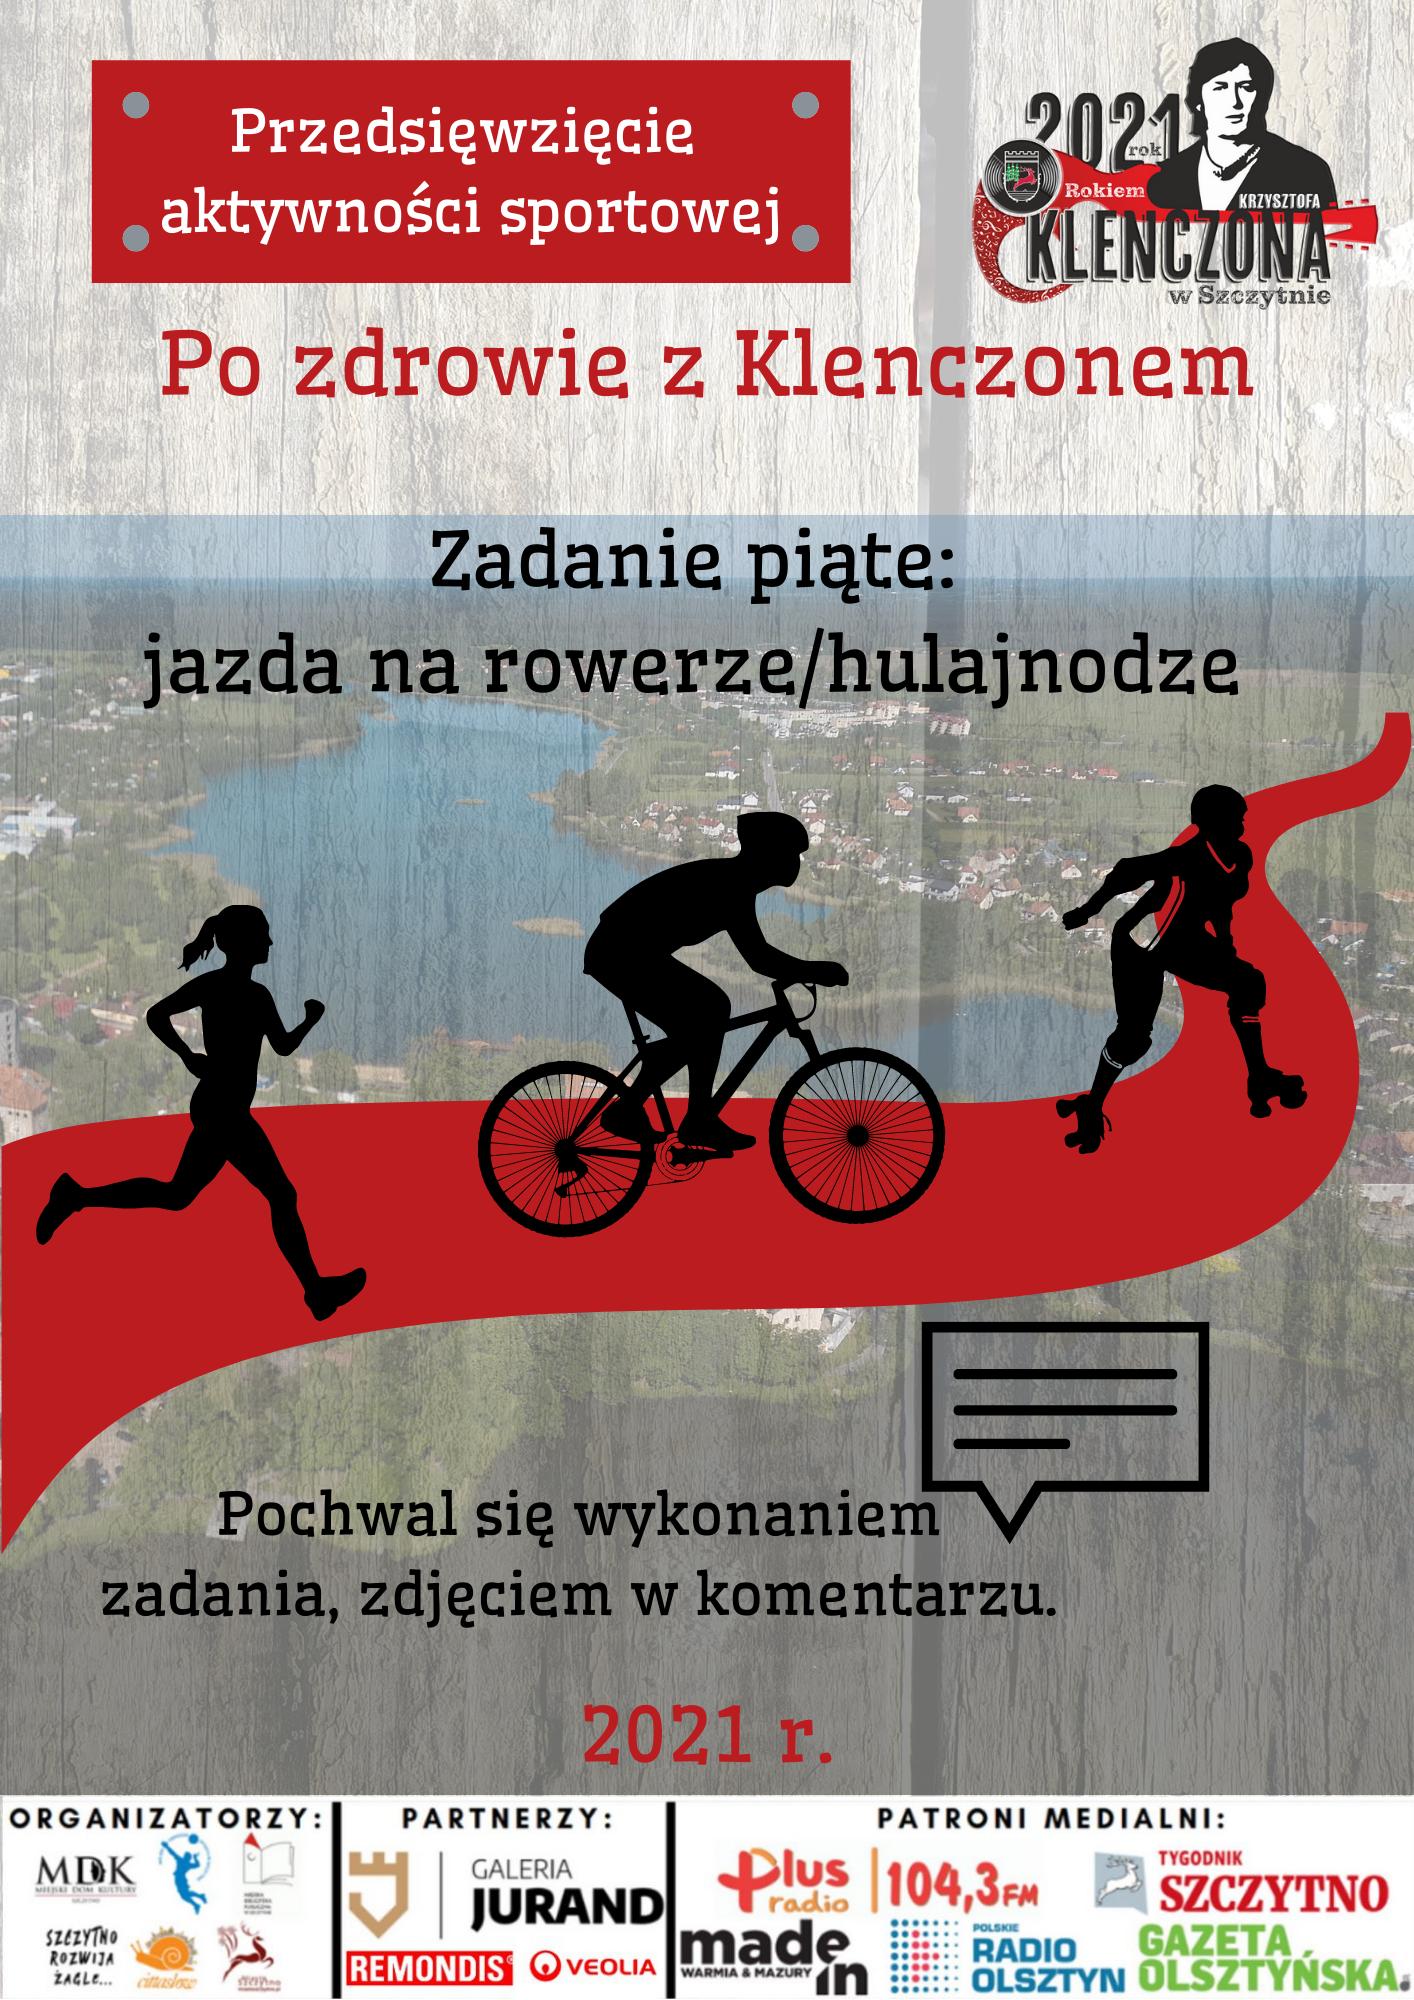 https://m.powiatszczycienski.pl/2021/06/orig/po-zdrowie-z-klenczonem-41005.png